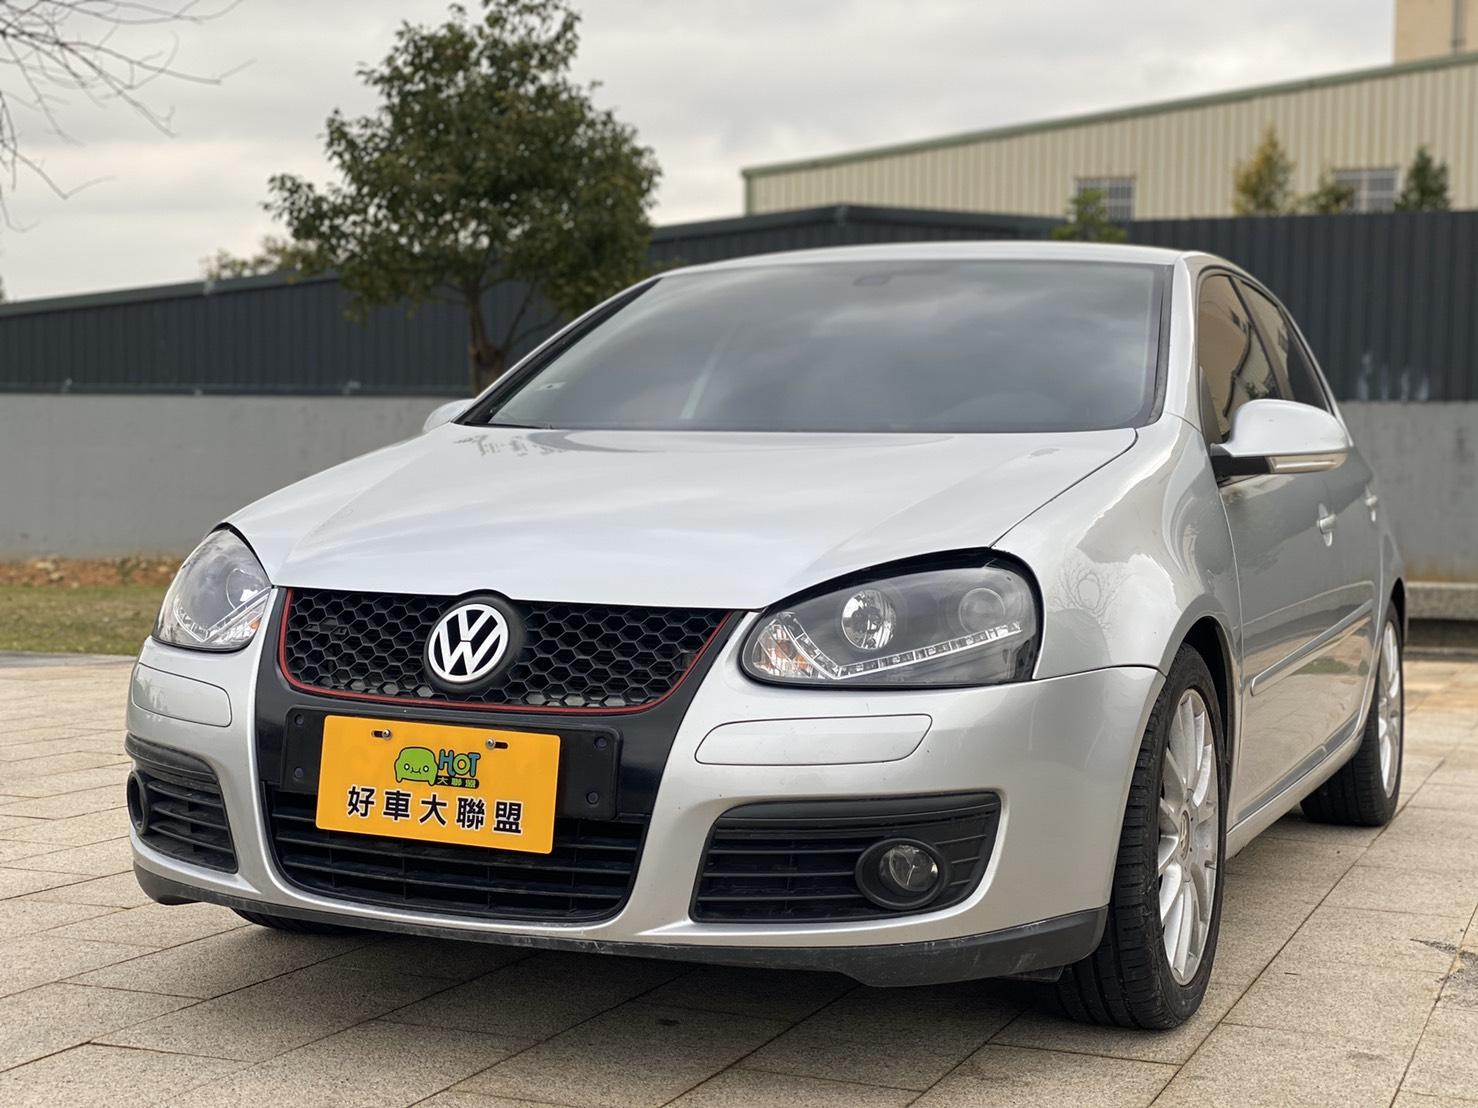 2007 Volkswagen 福斯 Golf